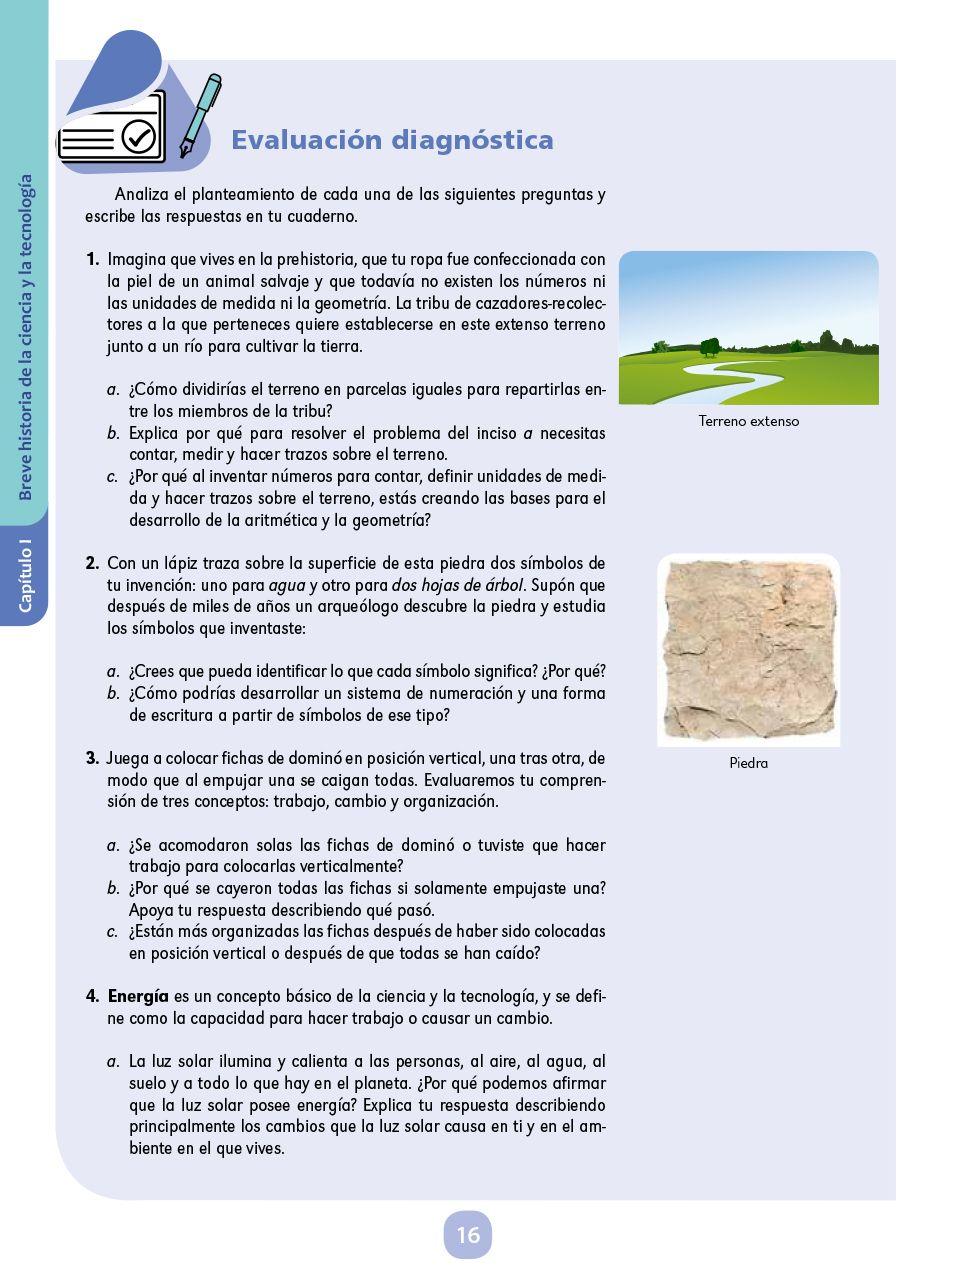 Ciencias Y Tecnología Biología Primer Grado Comisión Nacional De Libros De Texto Gratuitos Conaliteg Libro De Texto Unidades De Medida Primeros Grados